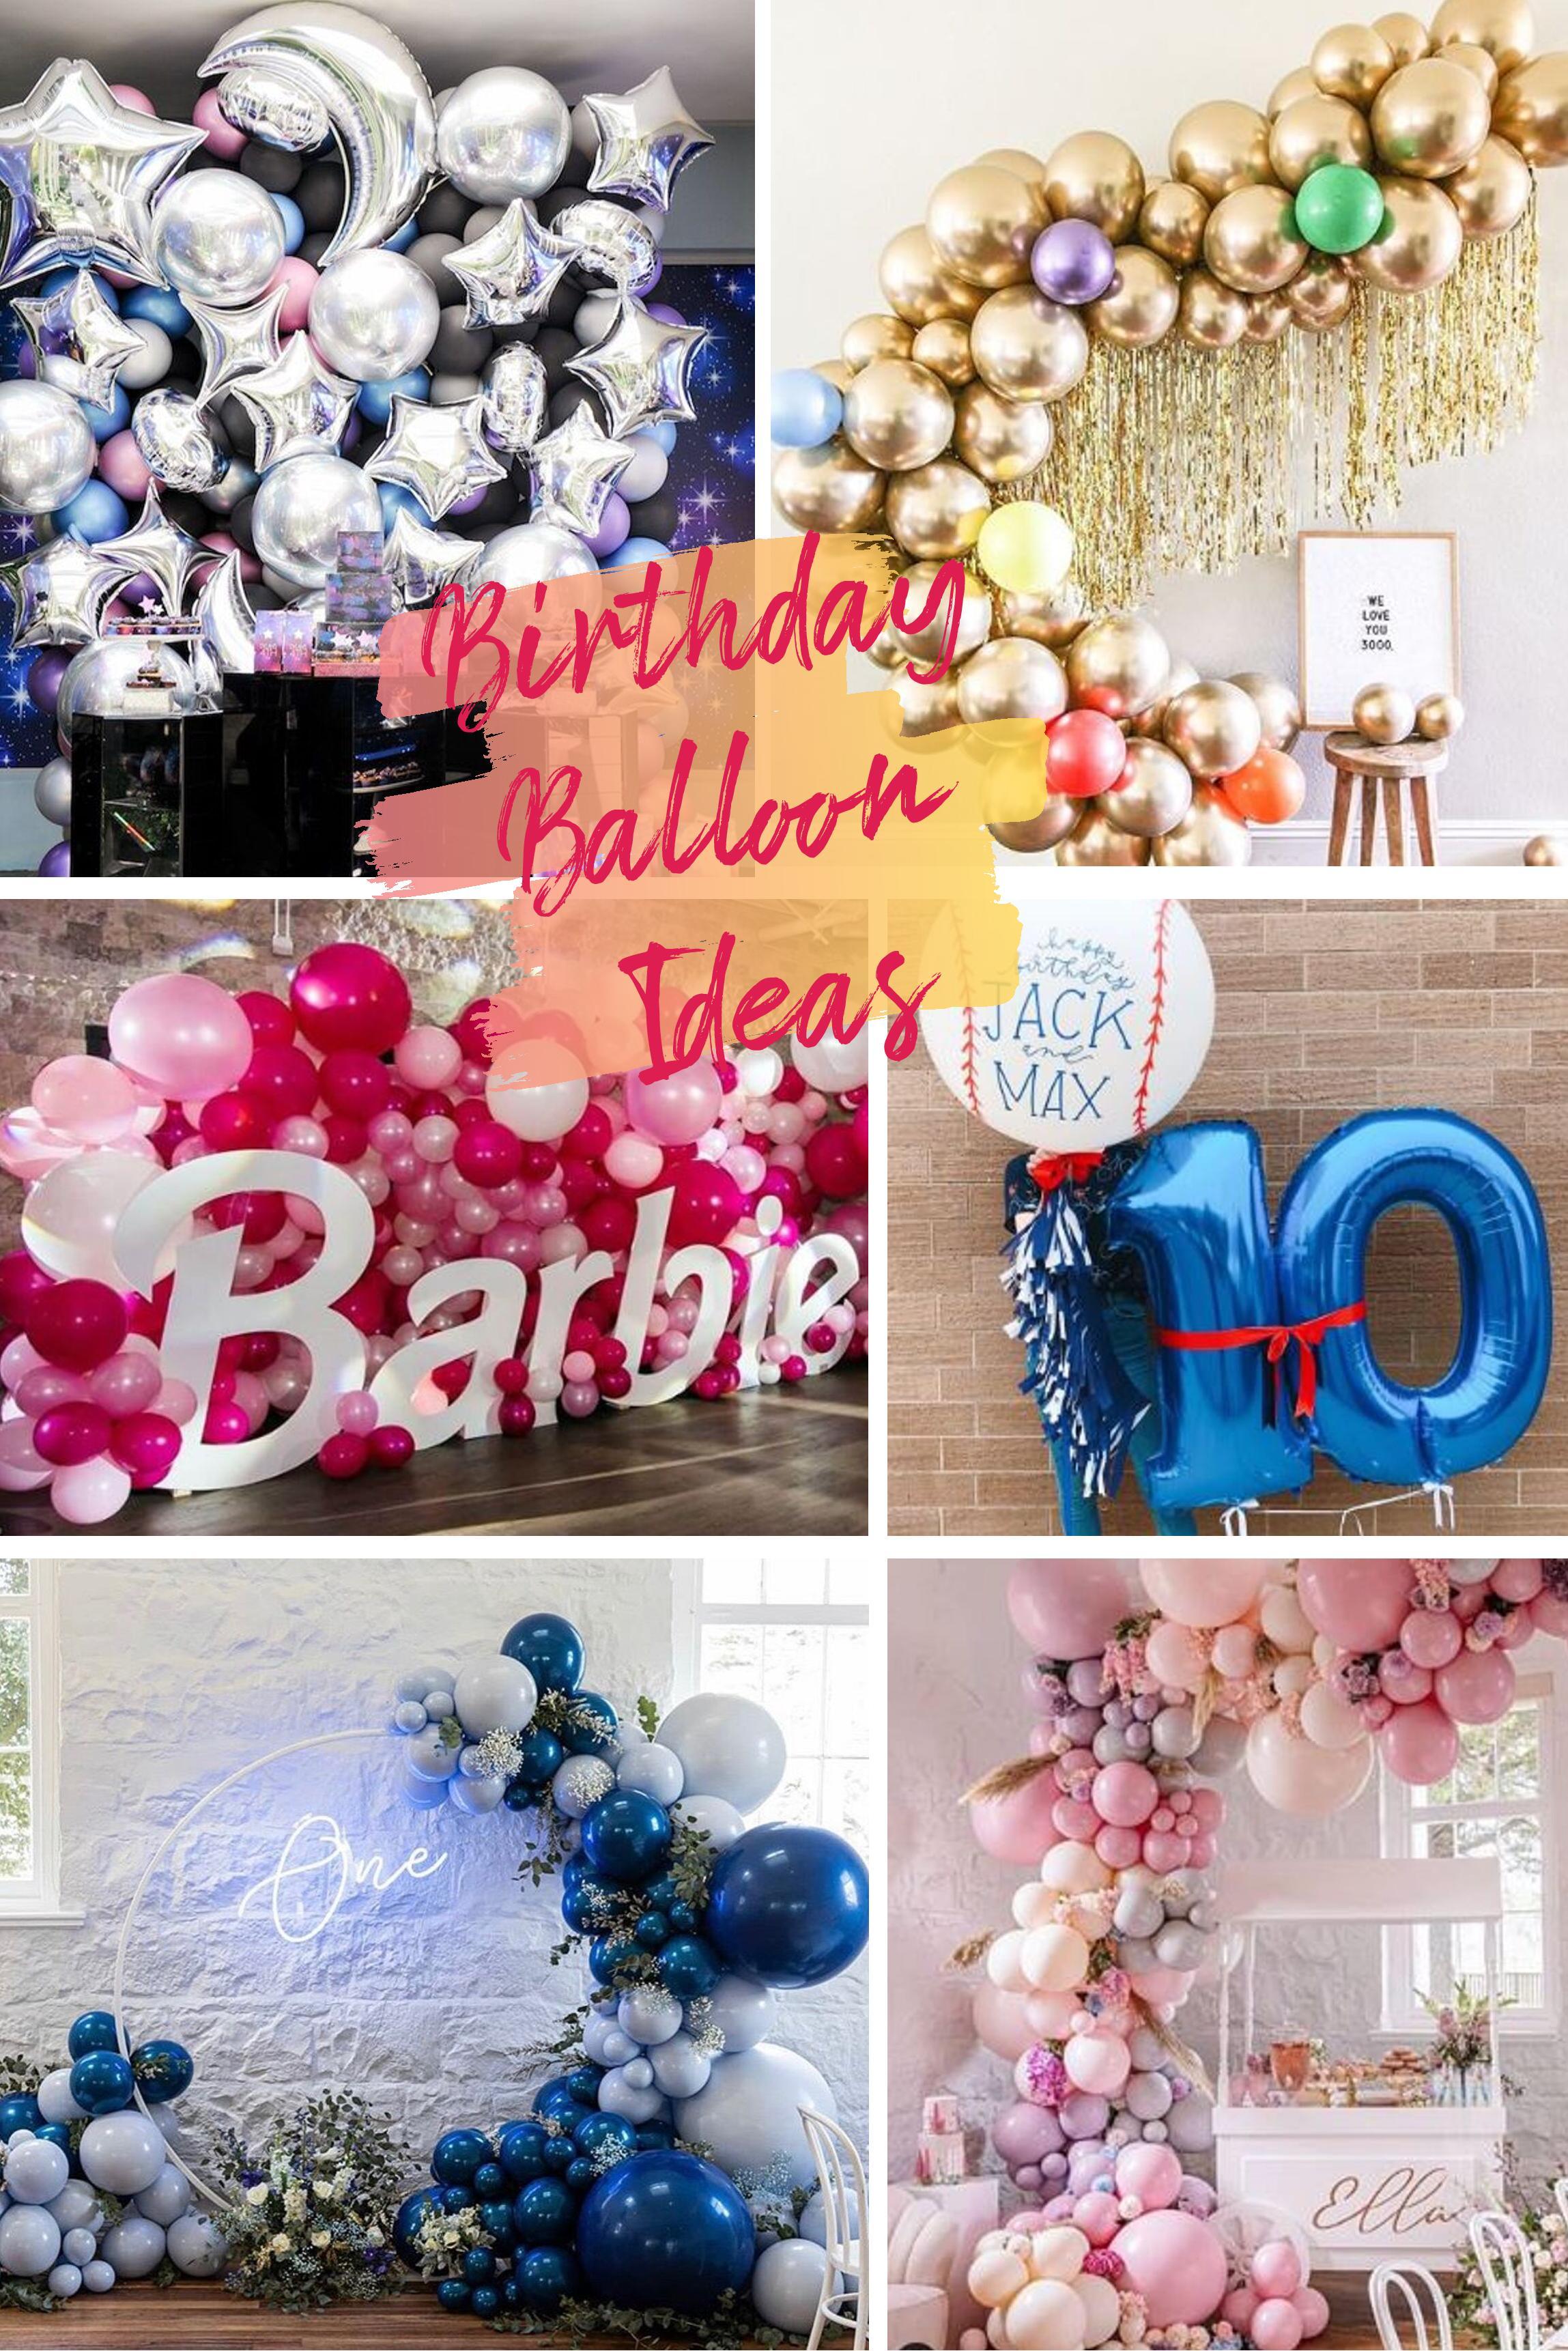 Kids Birthday Balloon Decoration Ideas